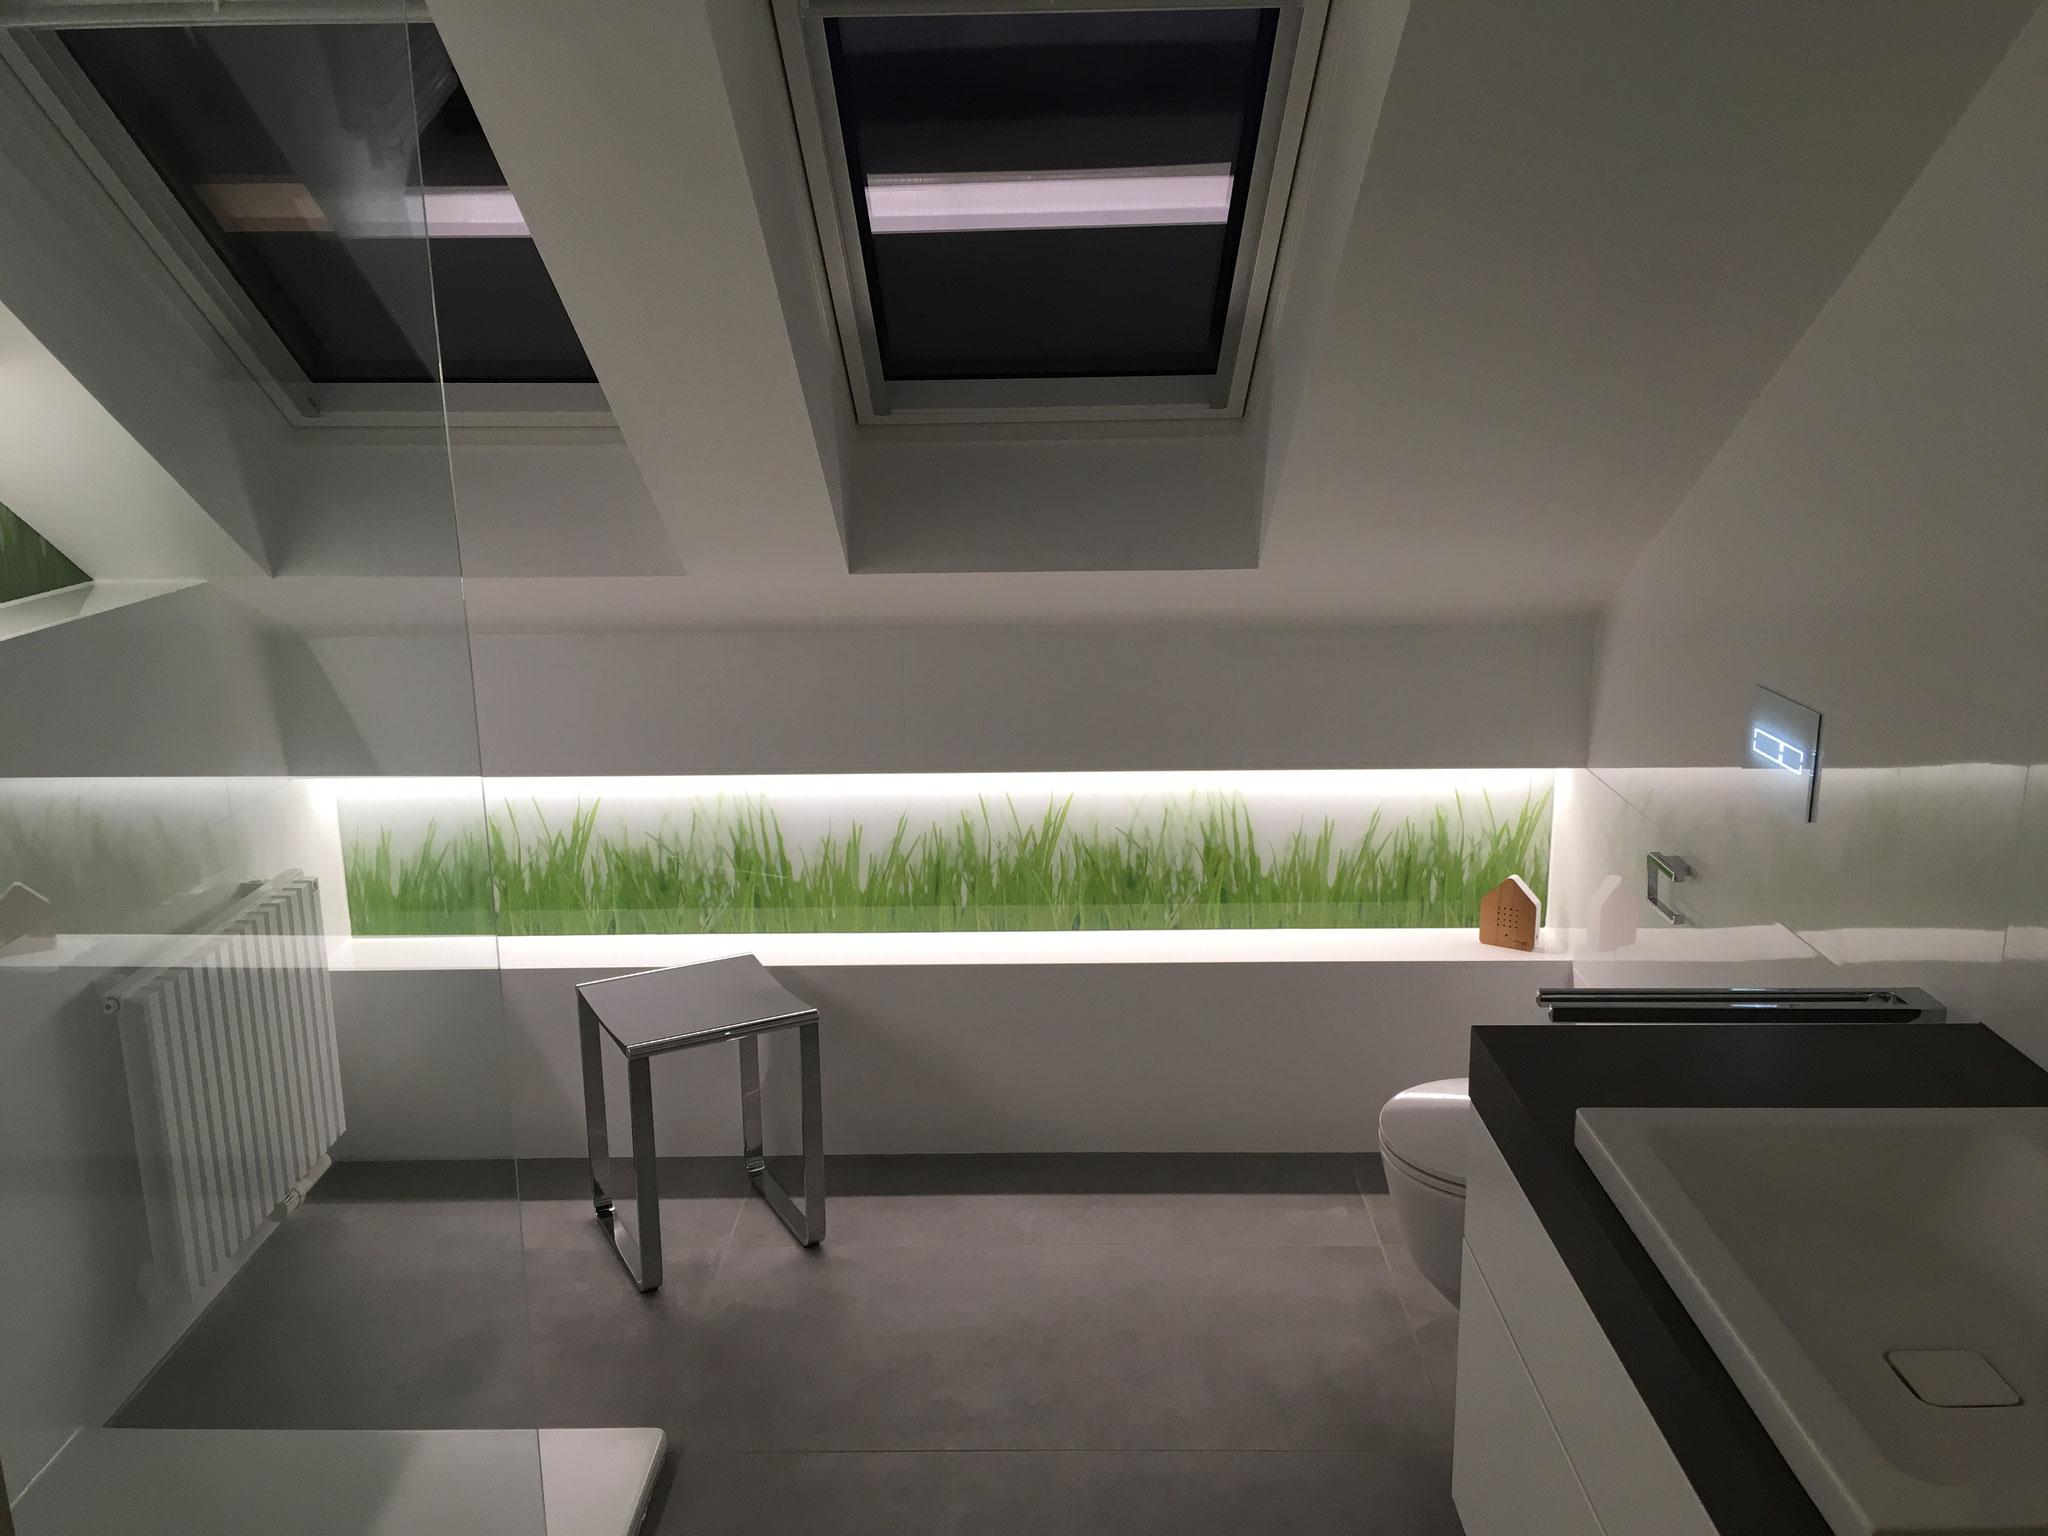 Das neue Badezimmer erscheint sehr großzügig